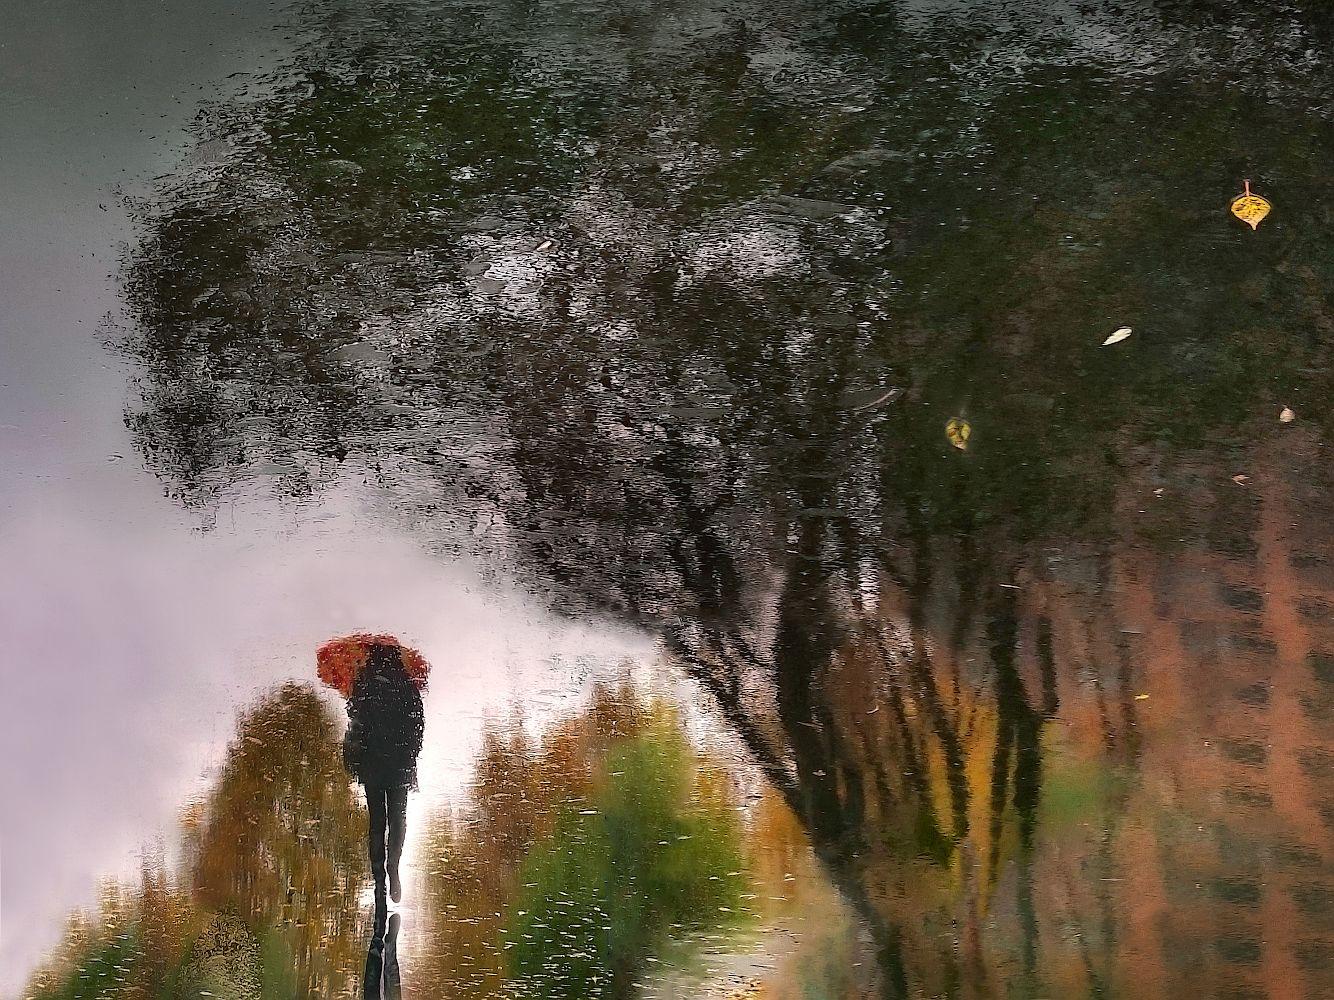 отражение, мокрый асфальт, Заколдаева Ирина